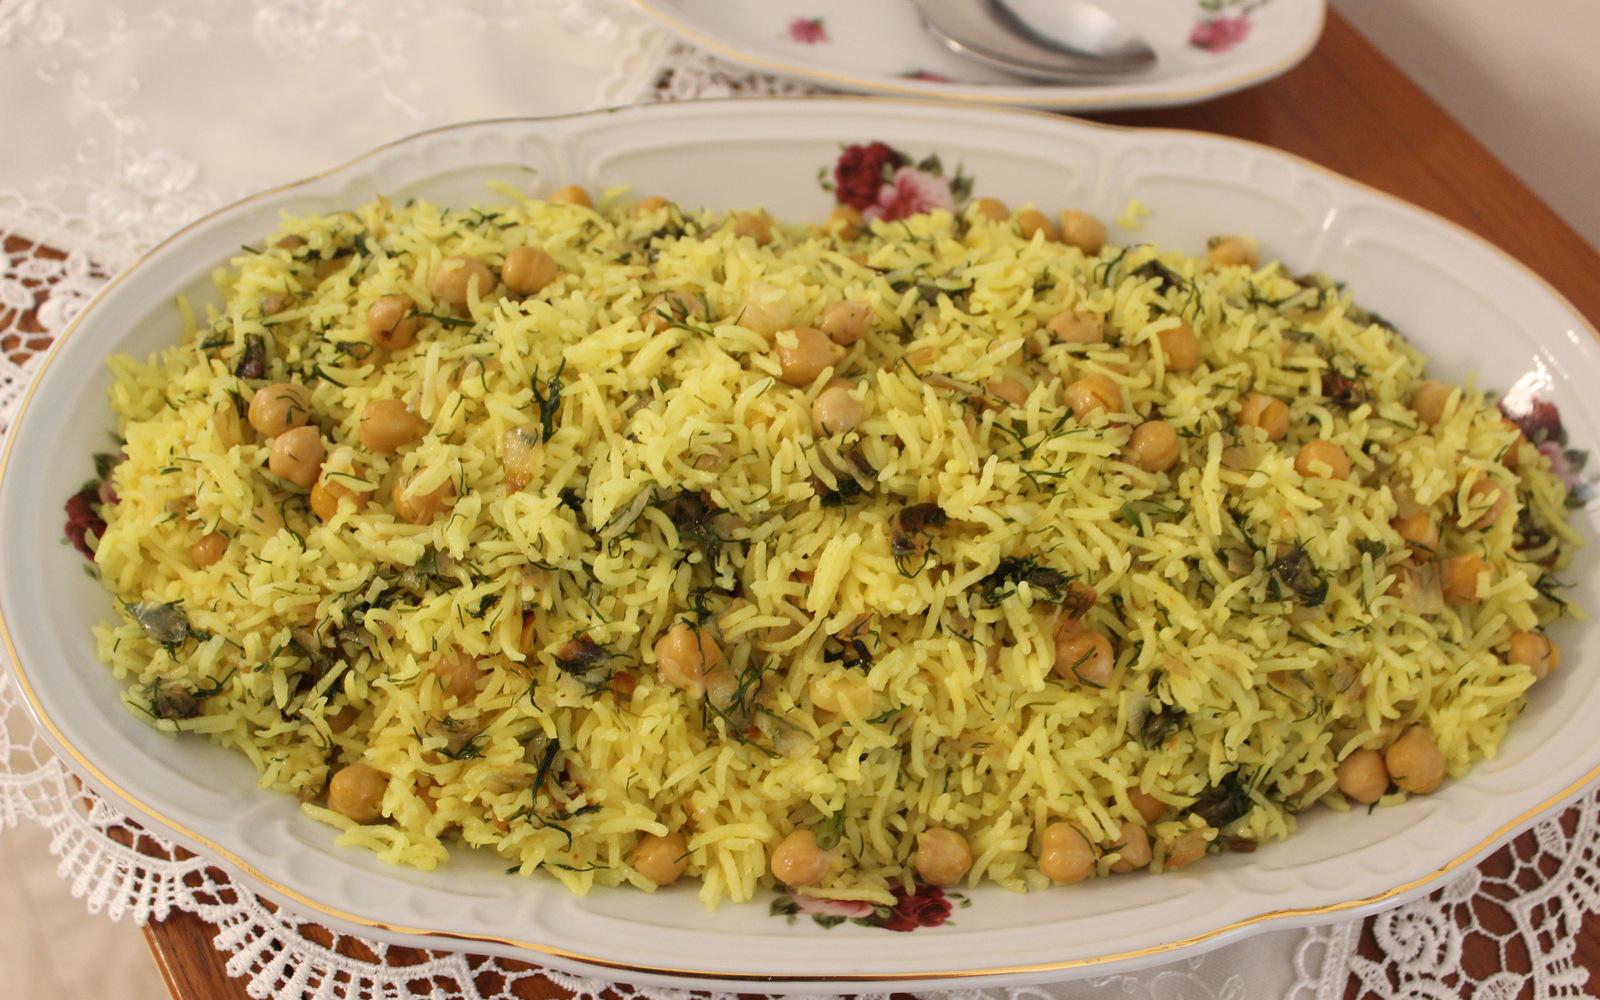 אורז חגיגי עם גרגרי חומוס ושמיר